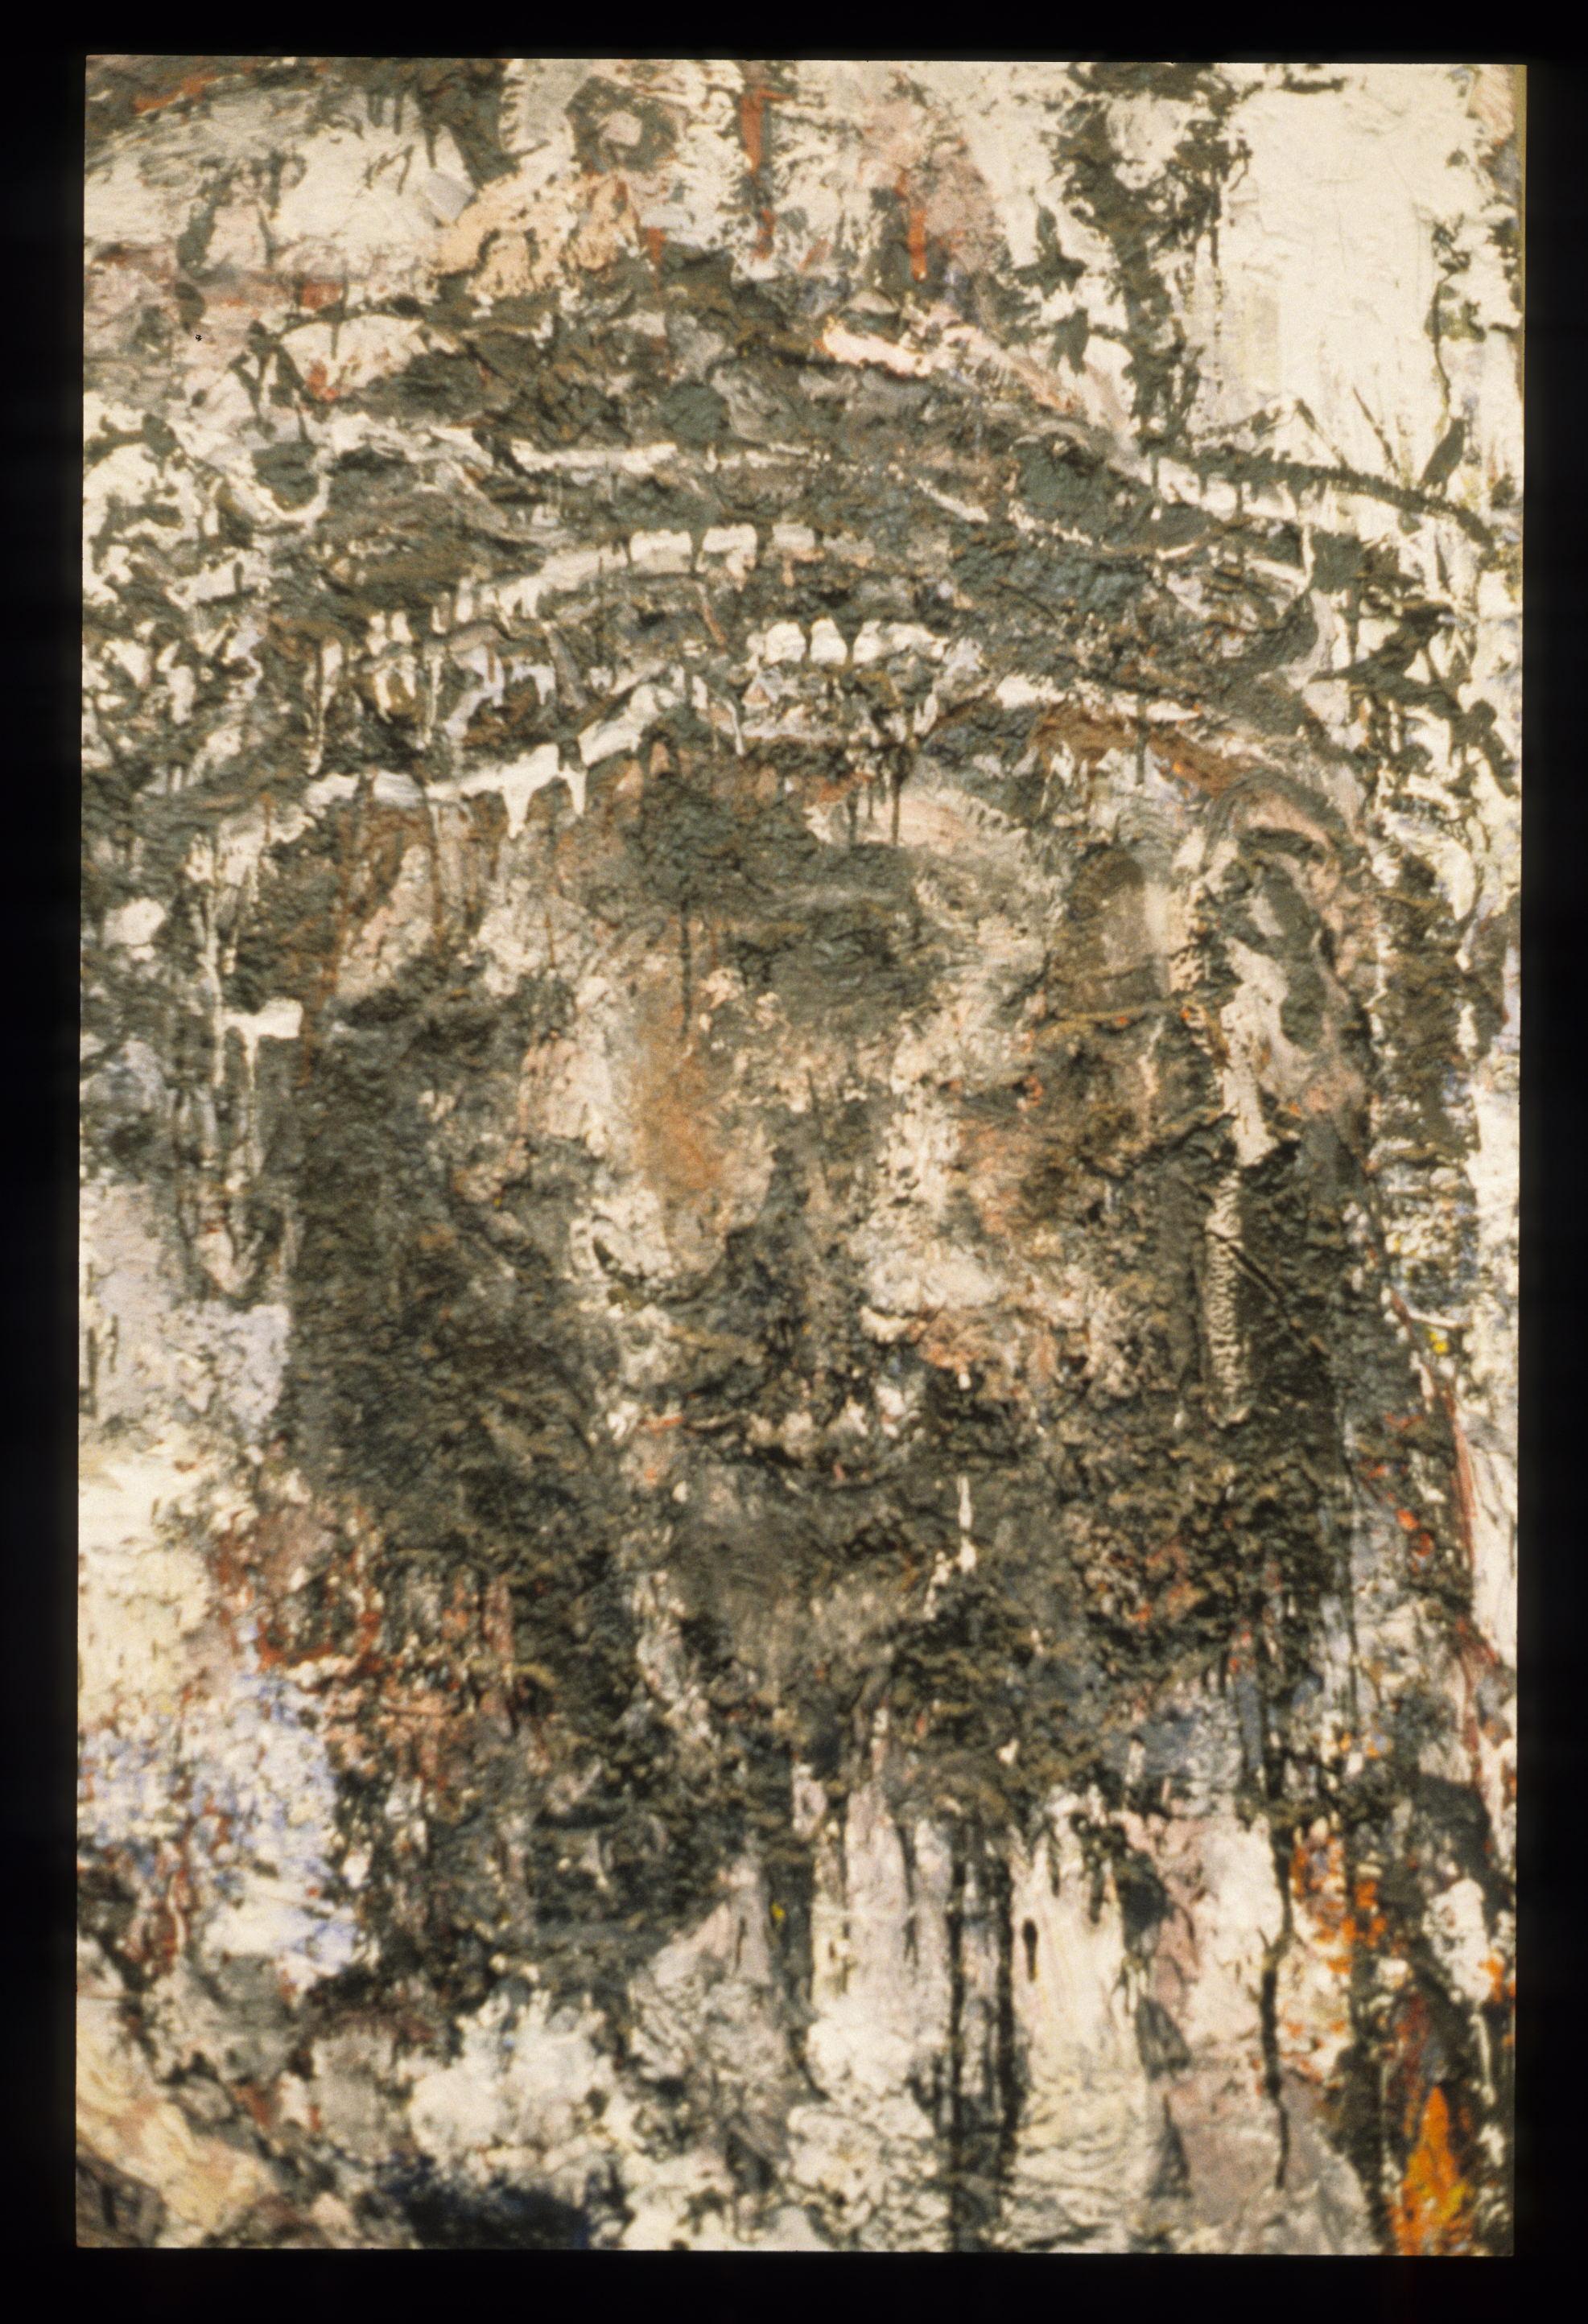 jezus afbeeldingen toegestaan